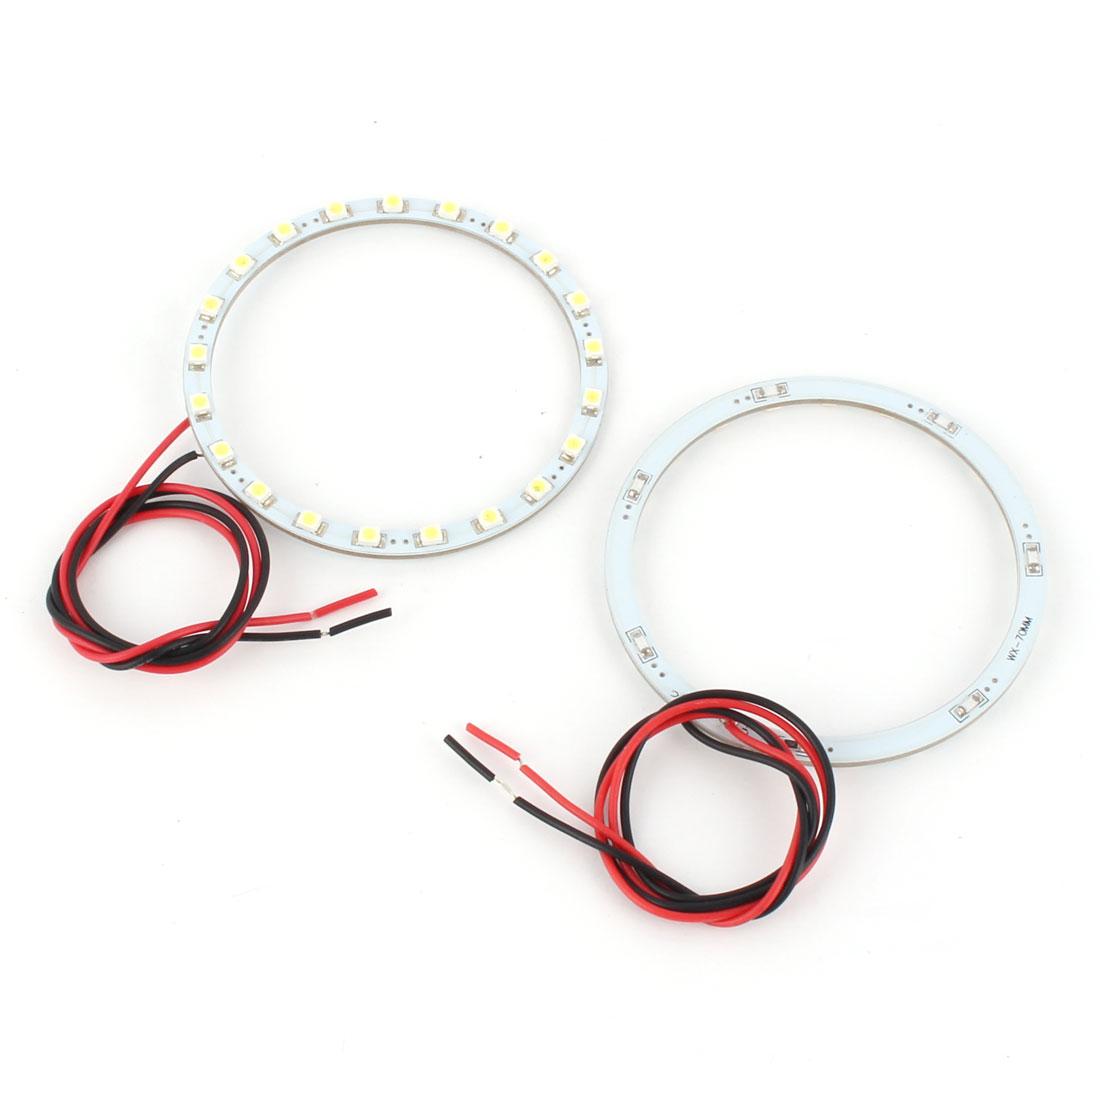 2 Pcs 70mm White 21 SMD LED Angel Eyes Halo Ring Head Lamp Light DC 12V for Car